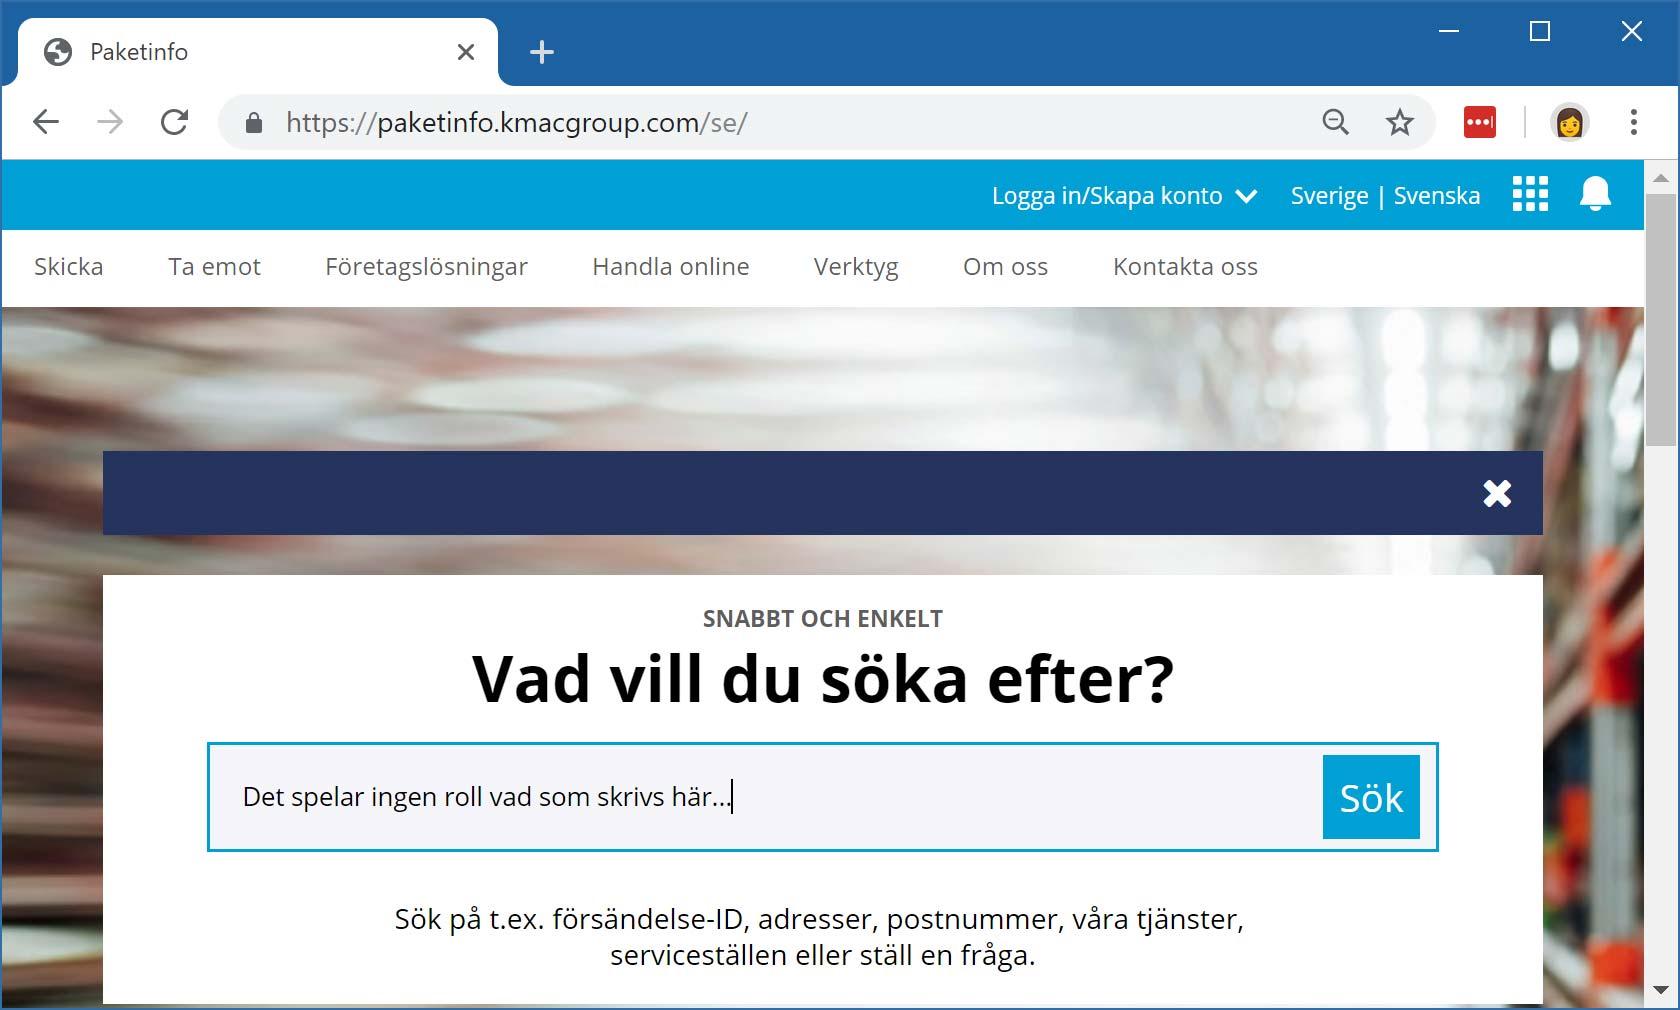 Den klonade versionen av Postnords webbplats